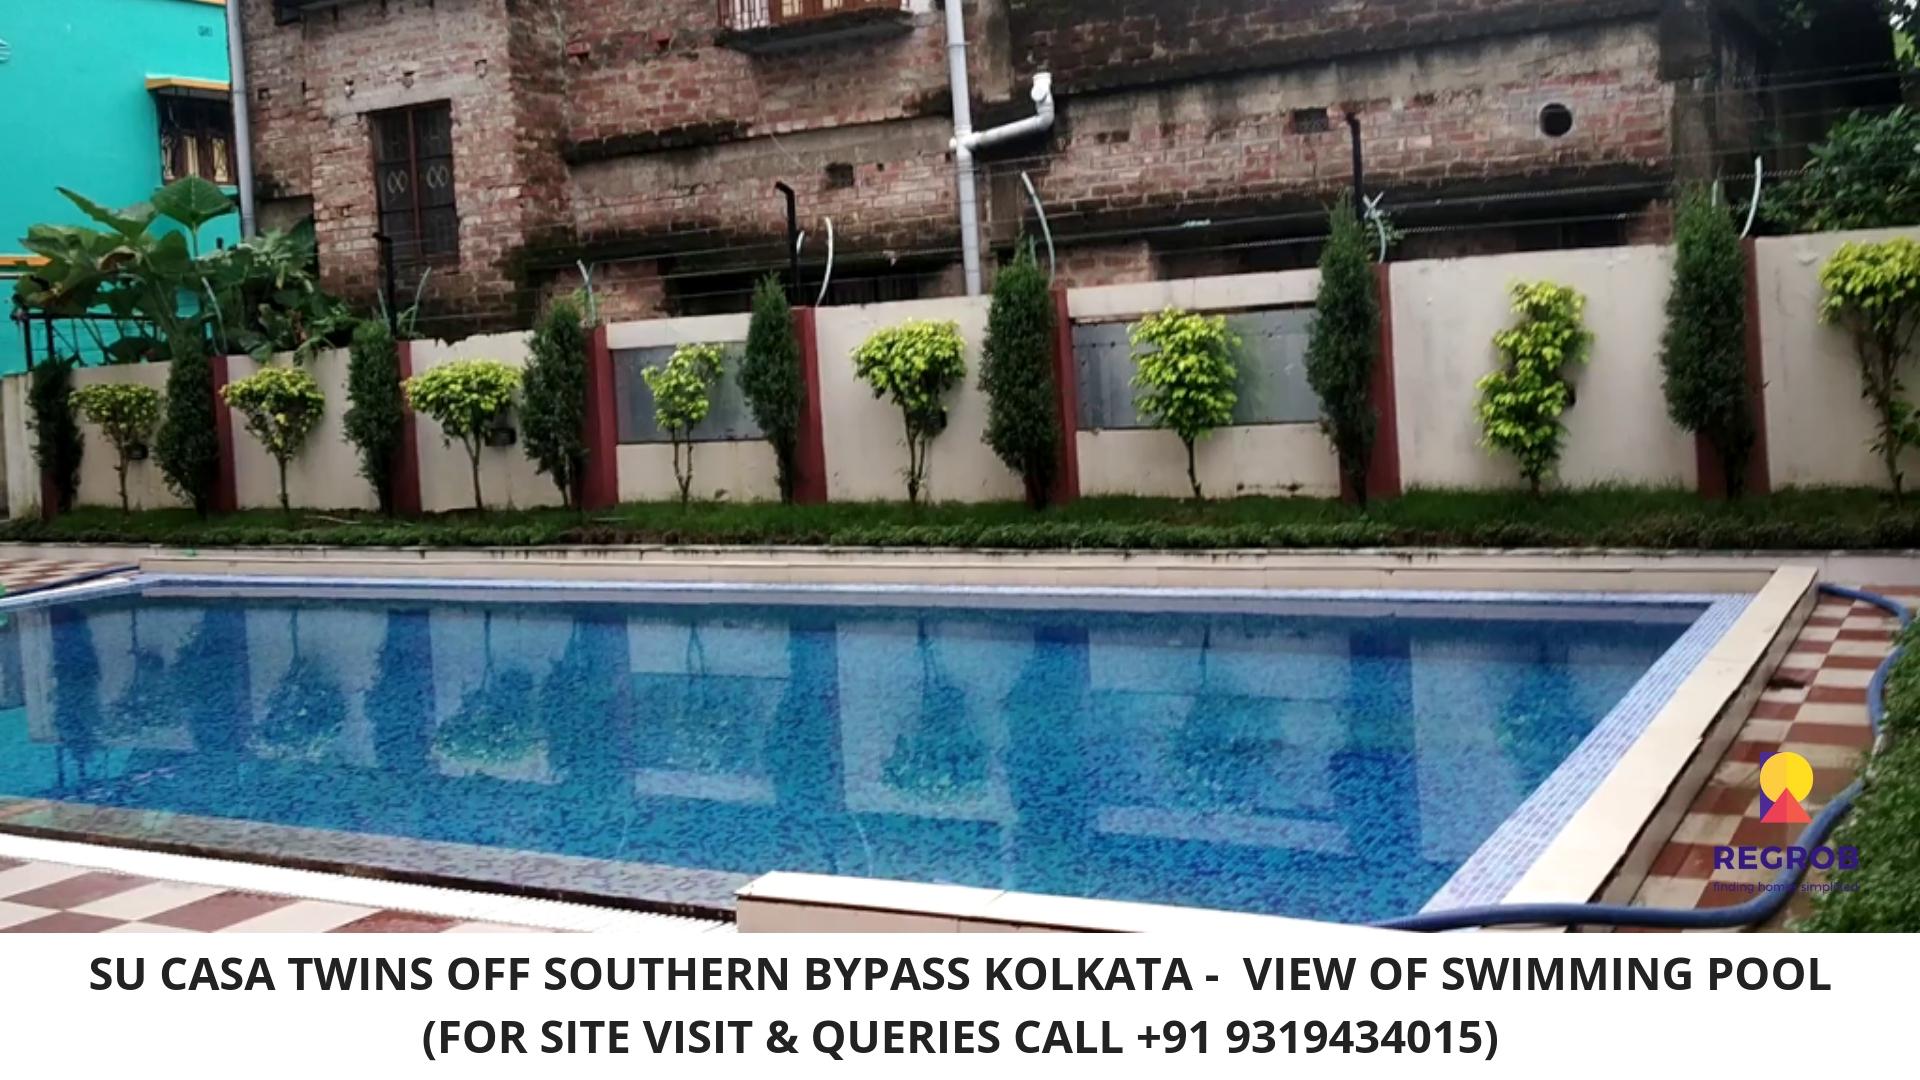 Su Casa Twins off Southern Bypass Kolkata